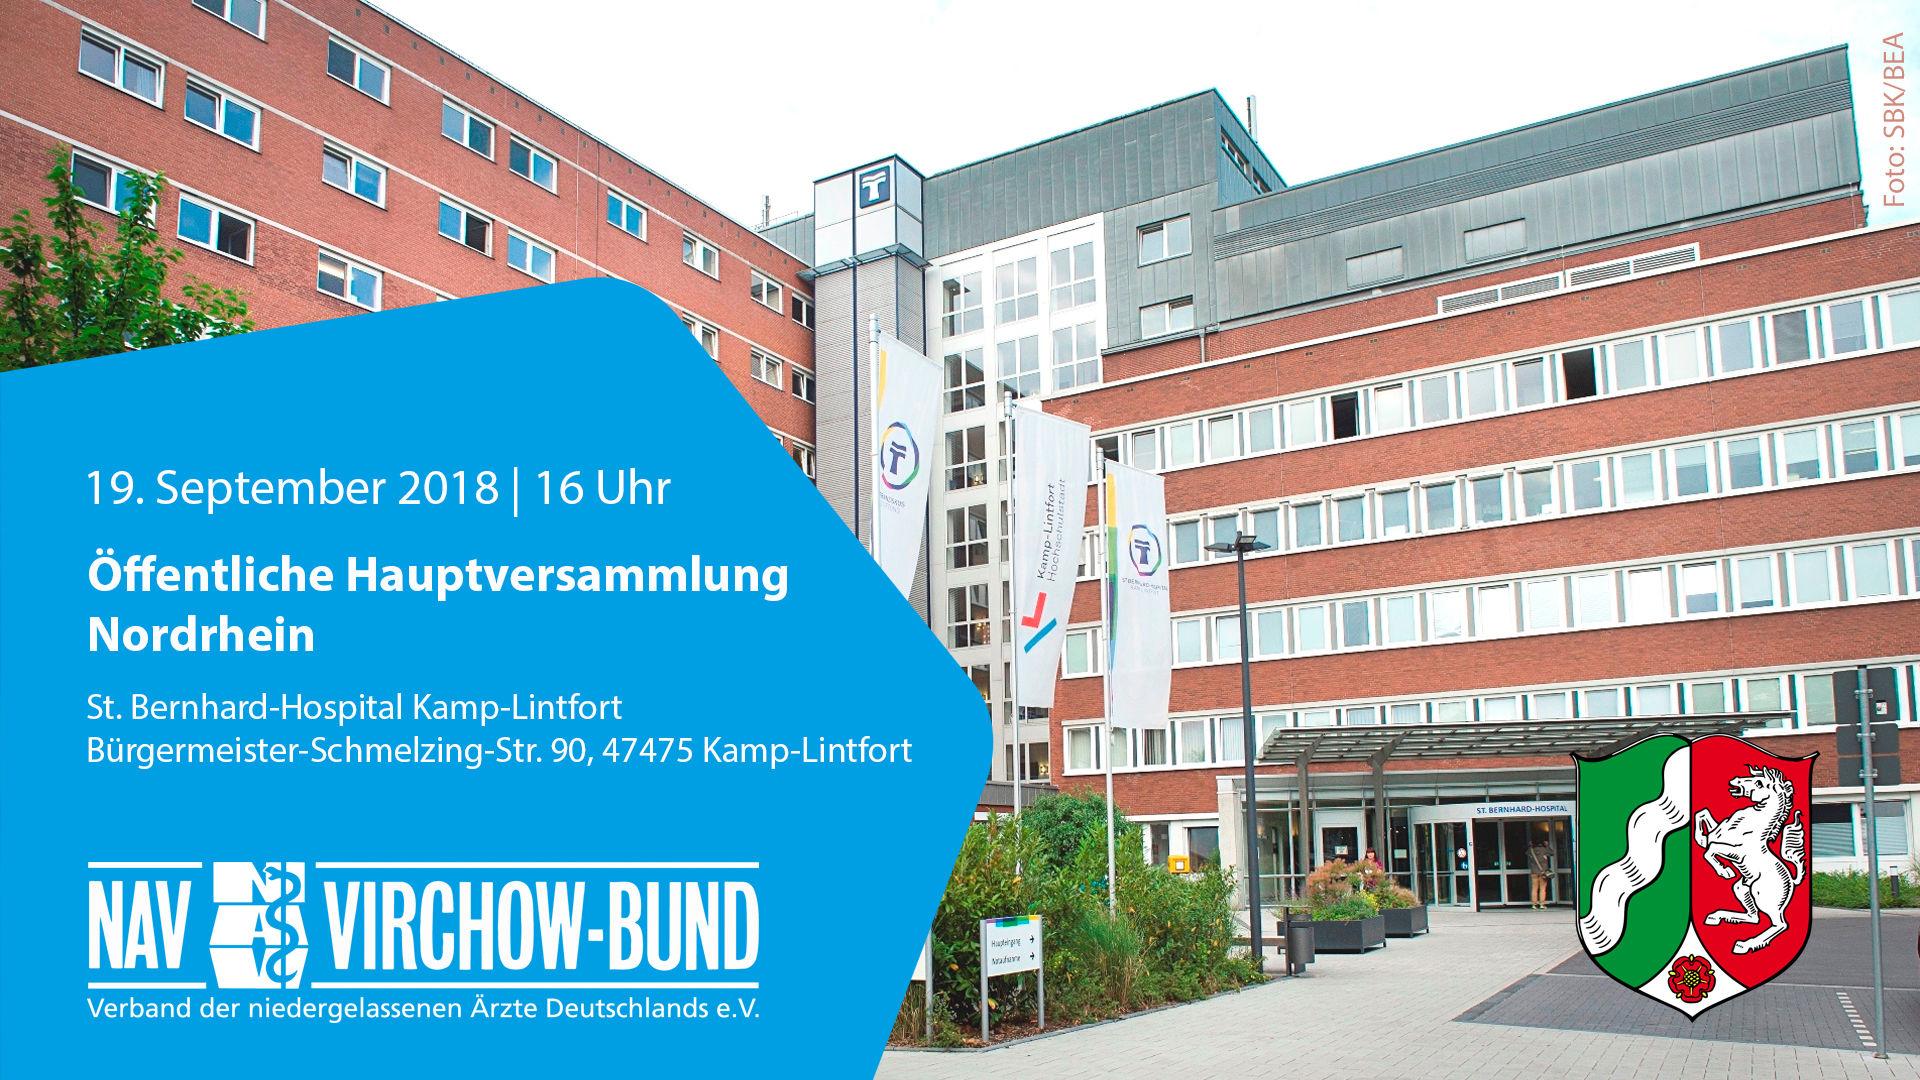 Einladung: 19.9.2018 | Landeshauptversammlung Nordrhein im NAV-Virchow-Bund